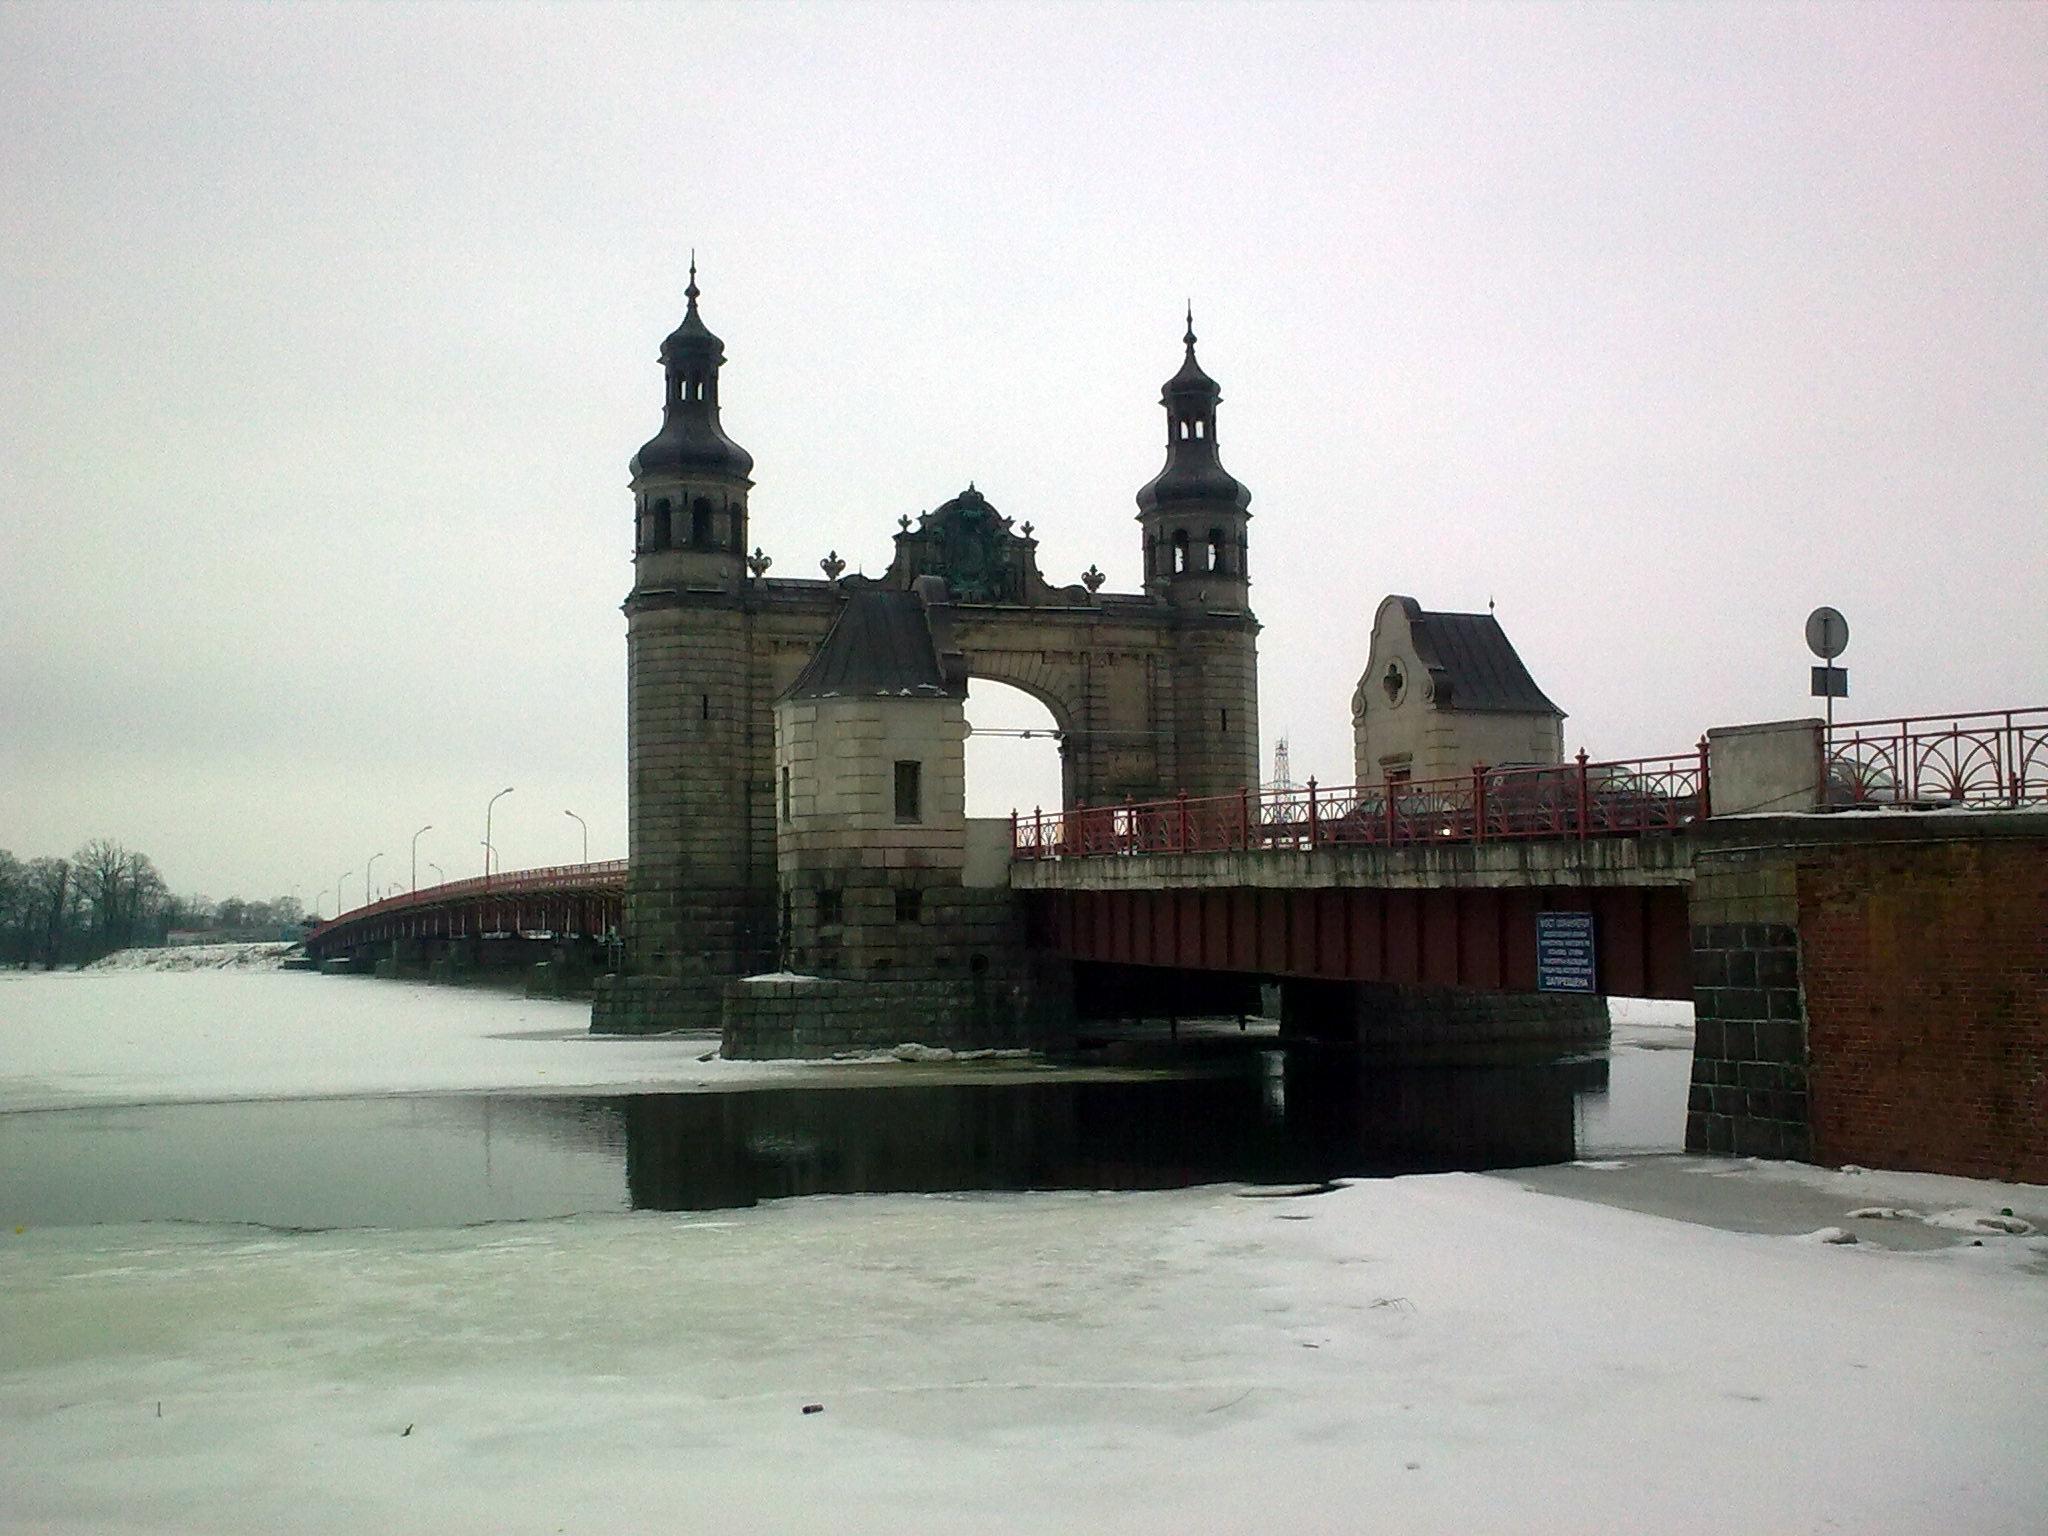 Königin Luise Brücke in Tilsit